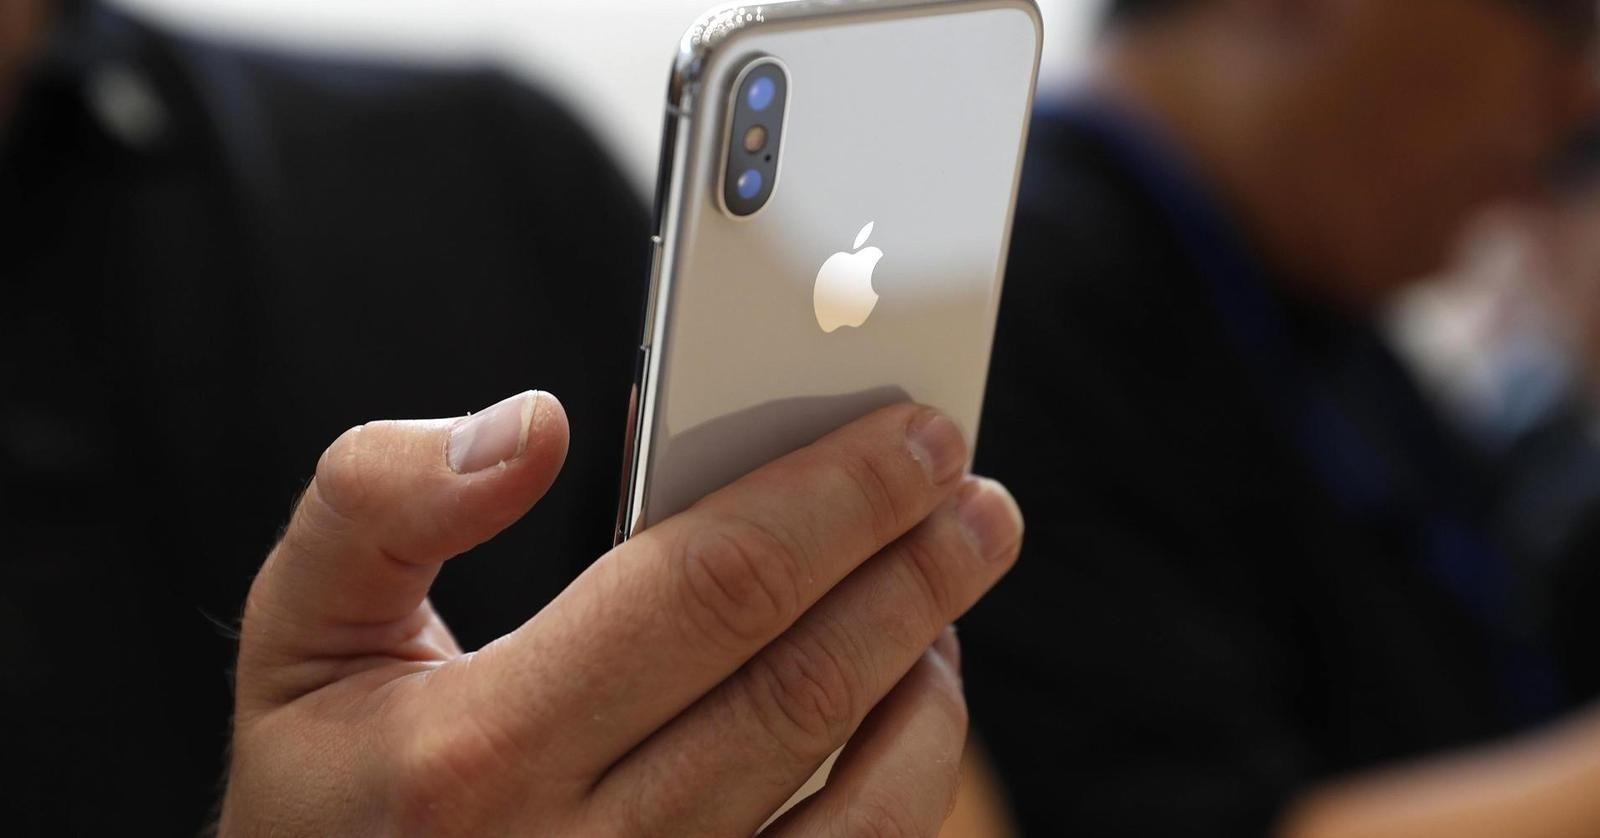 Өмнөд Солонгосчууд iPhone X-ийг таван минутын дотор дуусгажээ